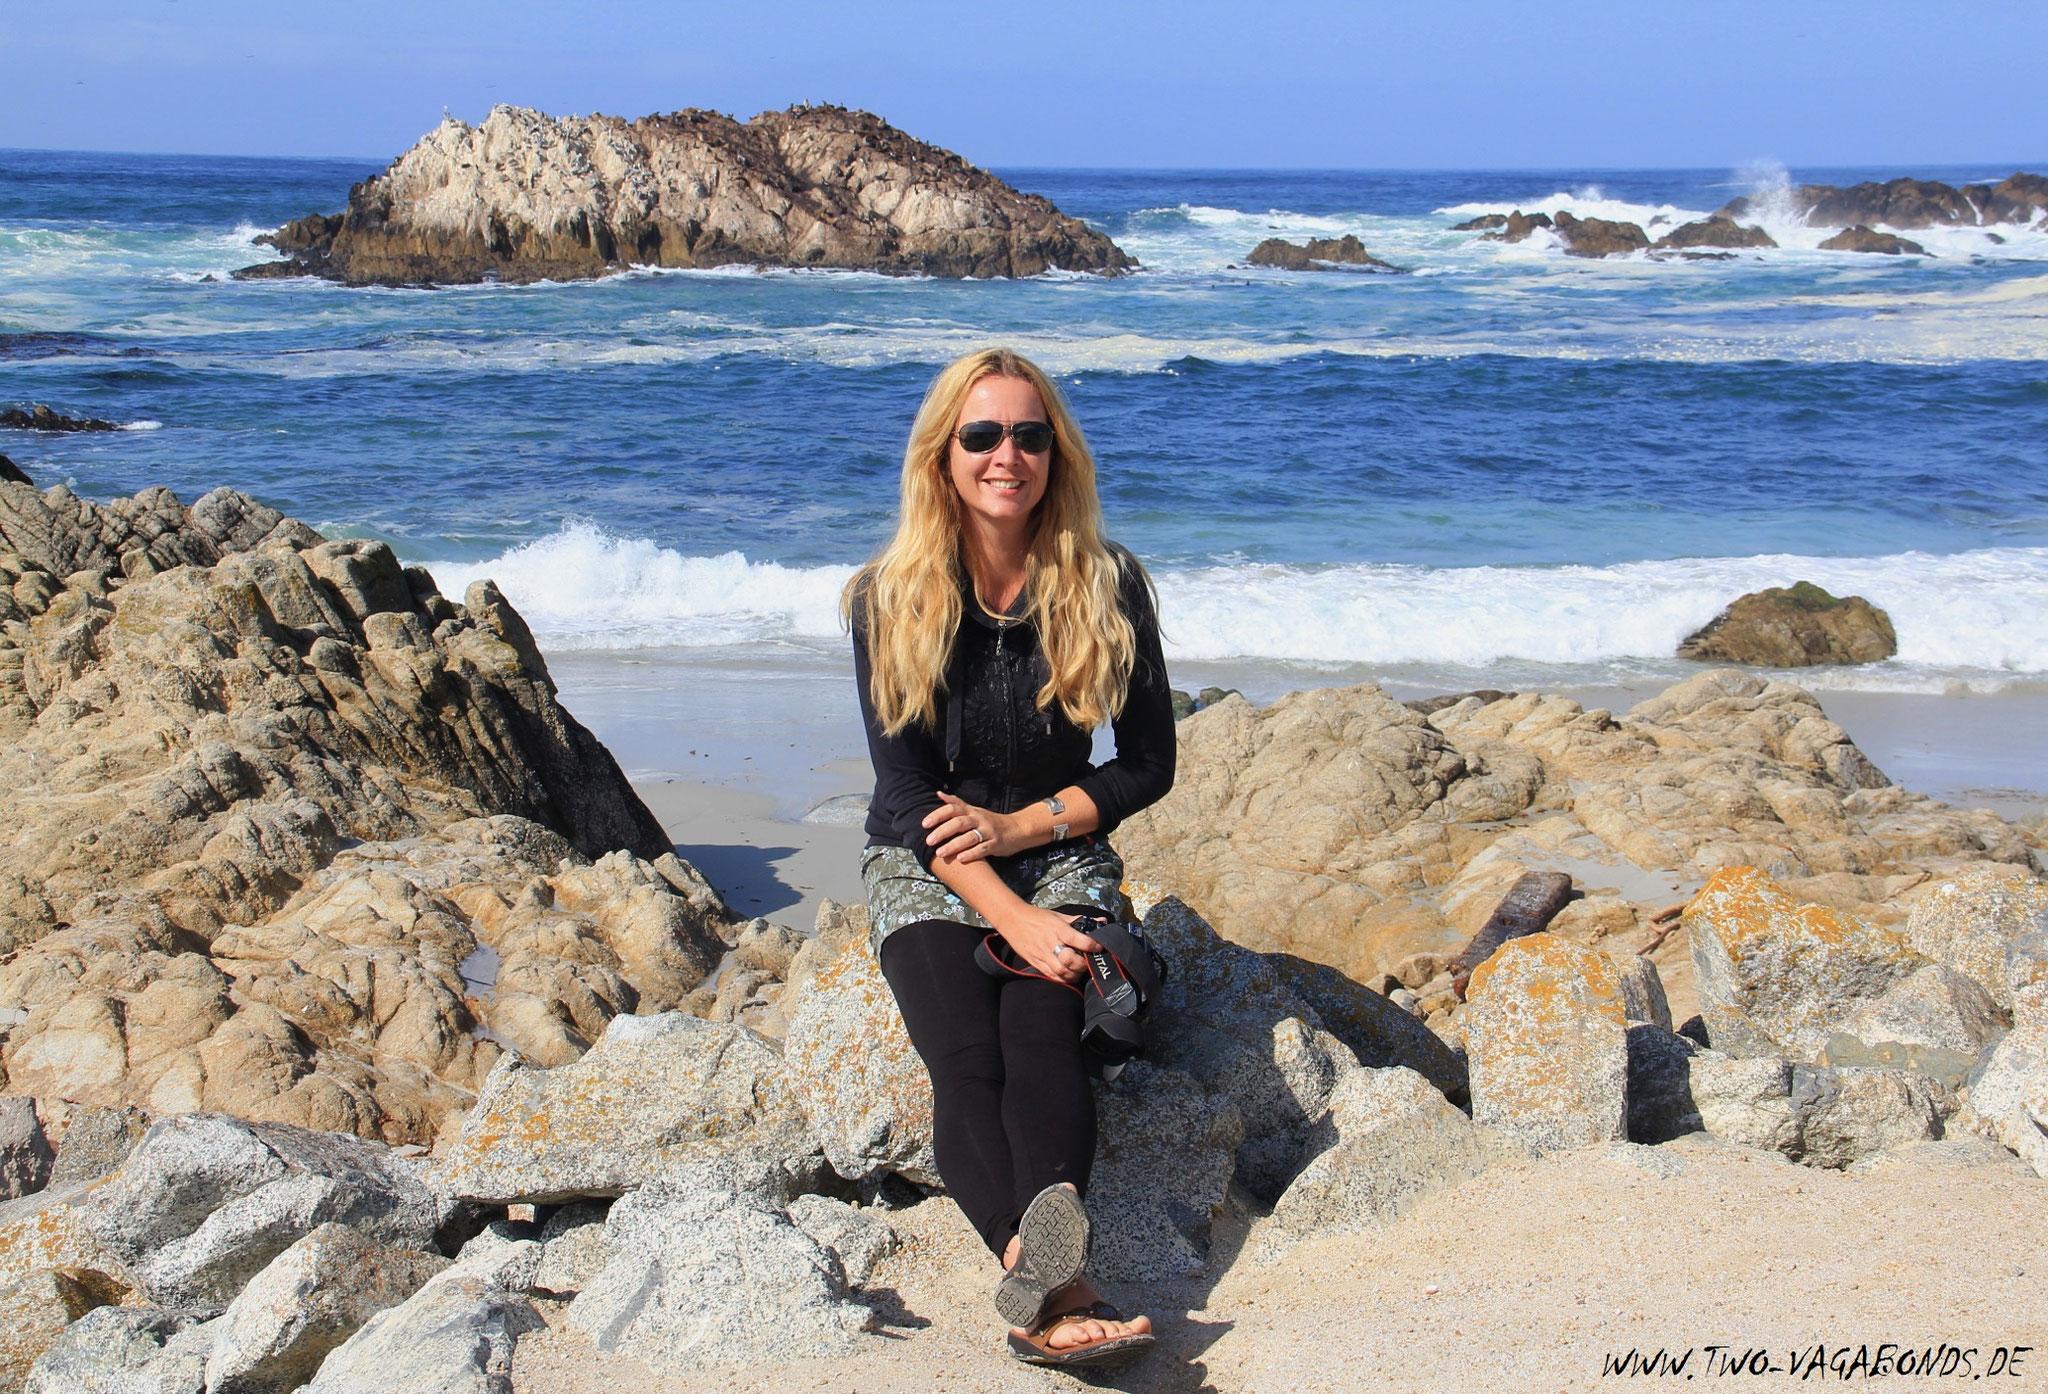 USA 2011 - AN DER KÜSTE CALIFORNIENS